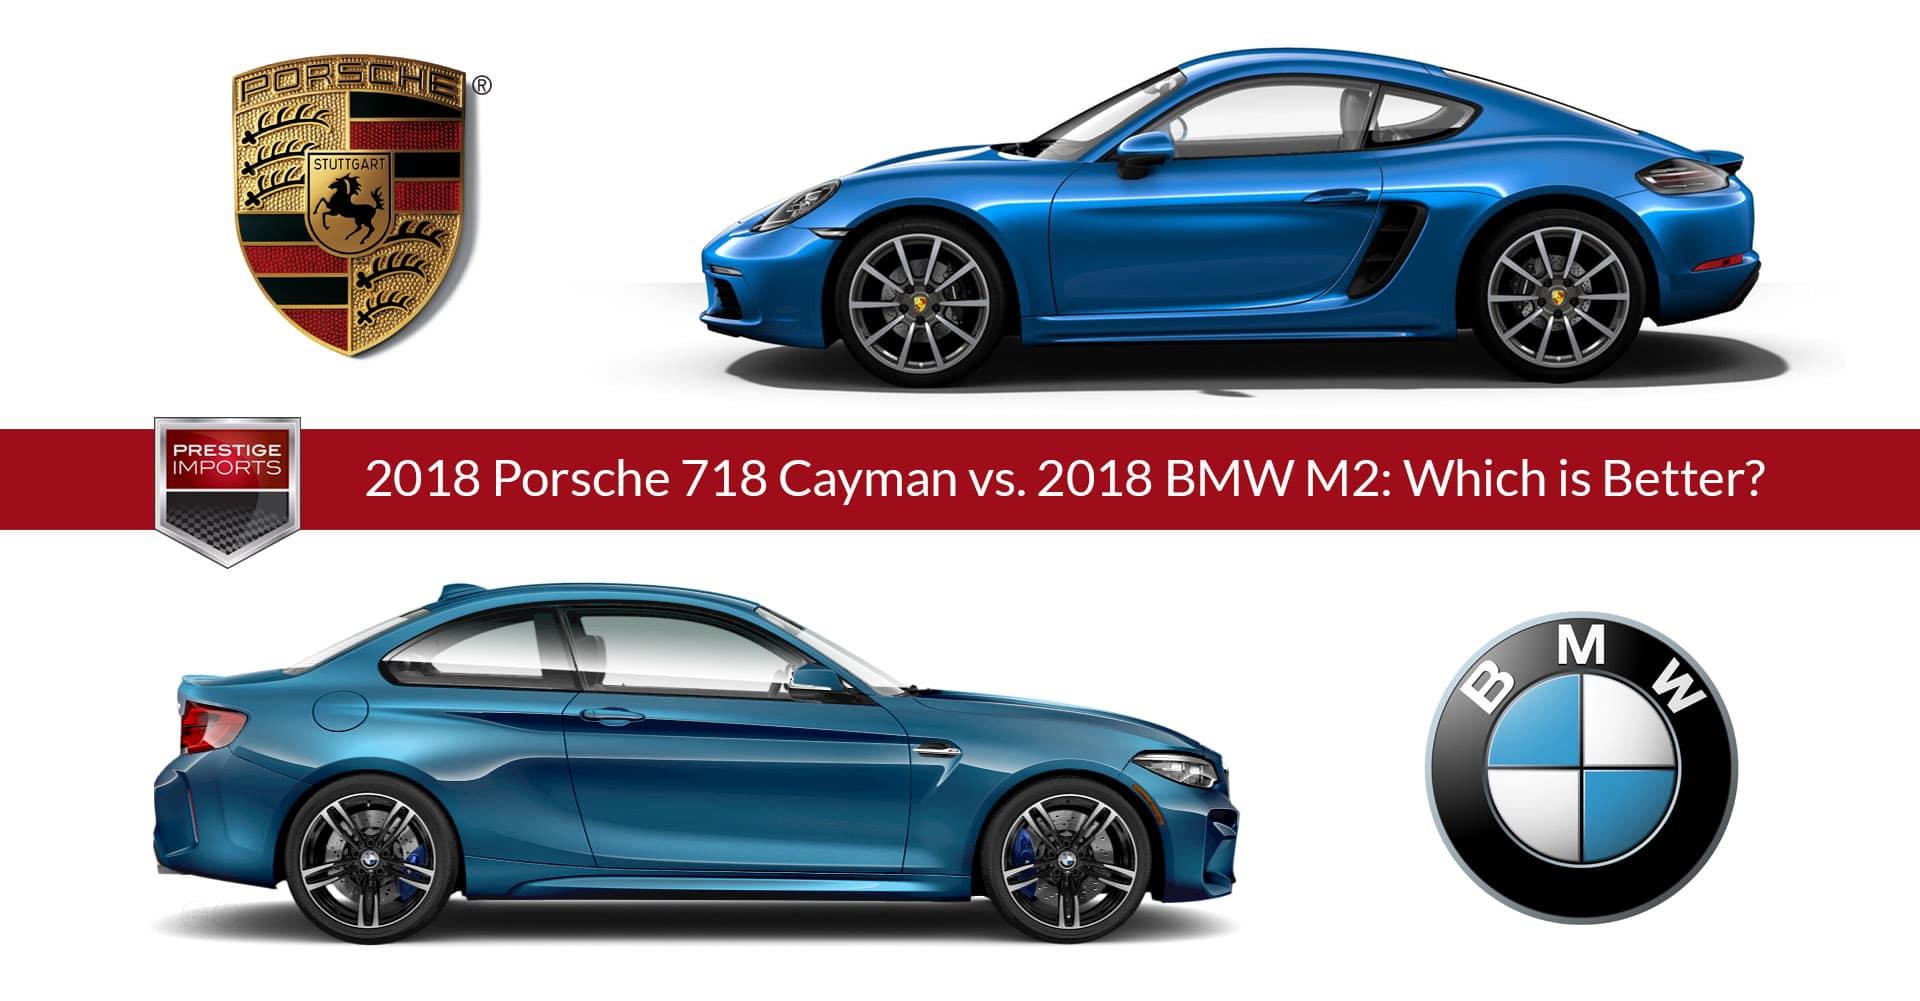 2018 porsche 718 cayman vs 2018 bmw m2 which is better